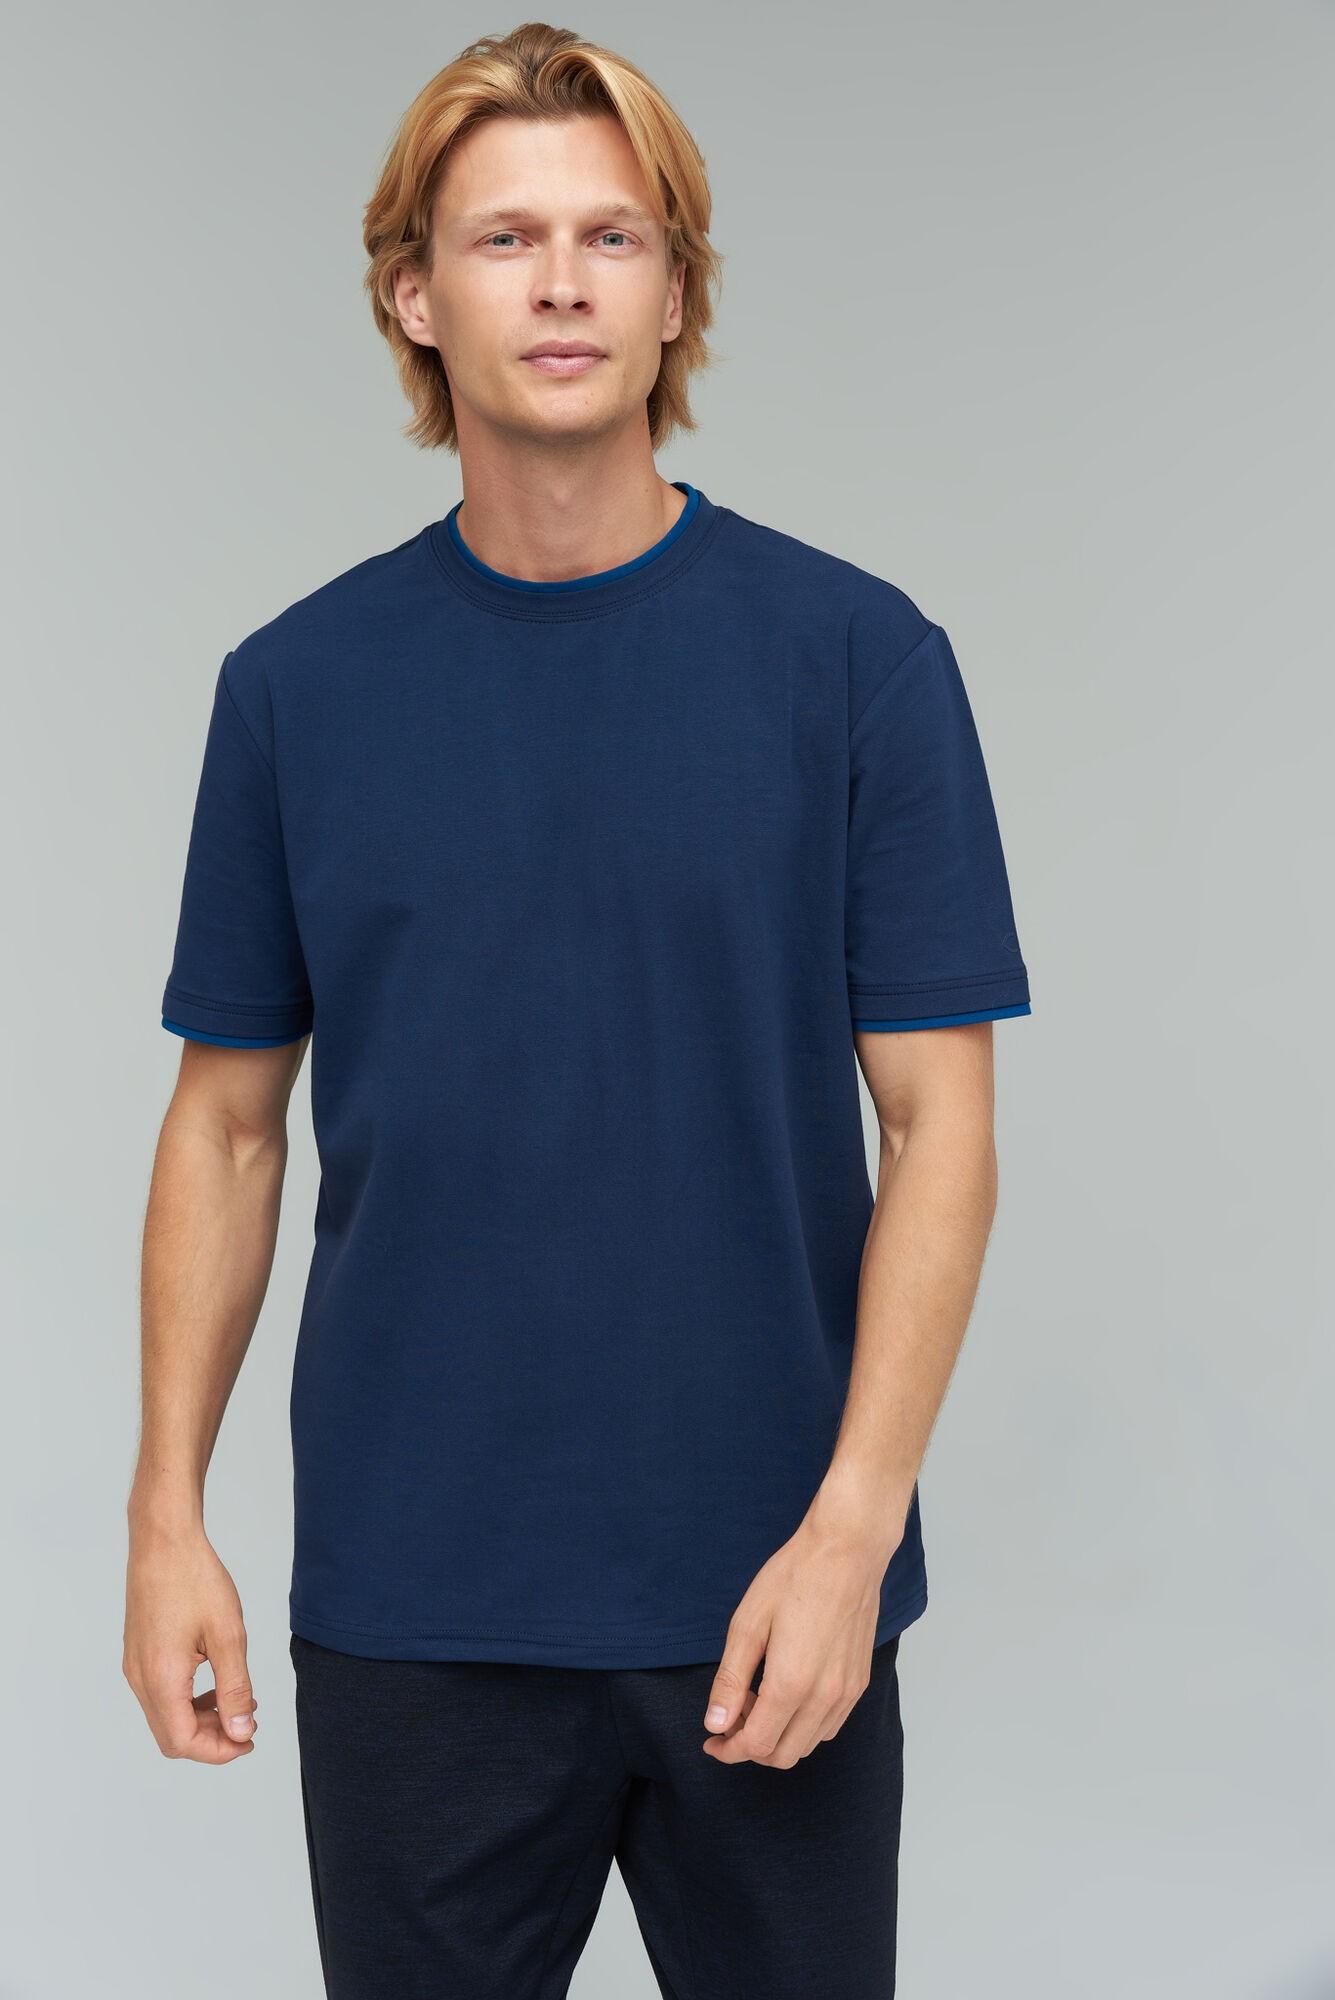 AUDIMAS Tamprūs medvilniniai marškinėliai 2021-642 Navy Blazer XXL